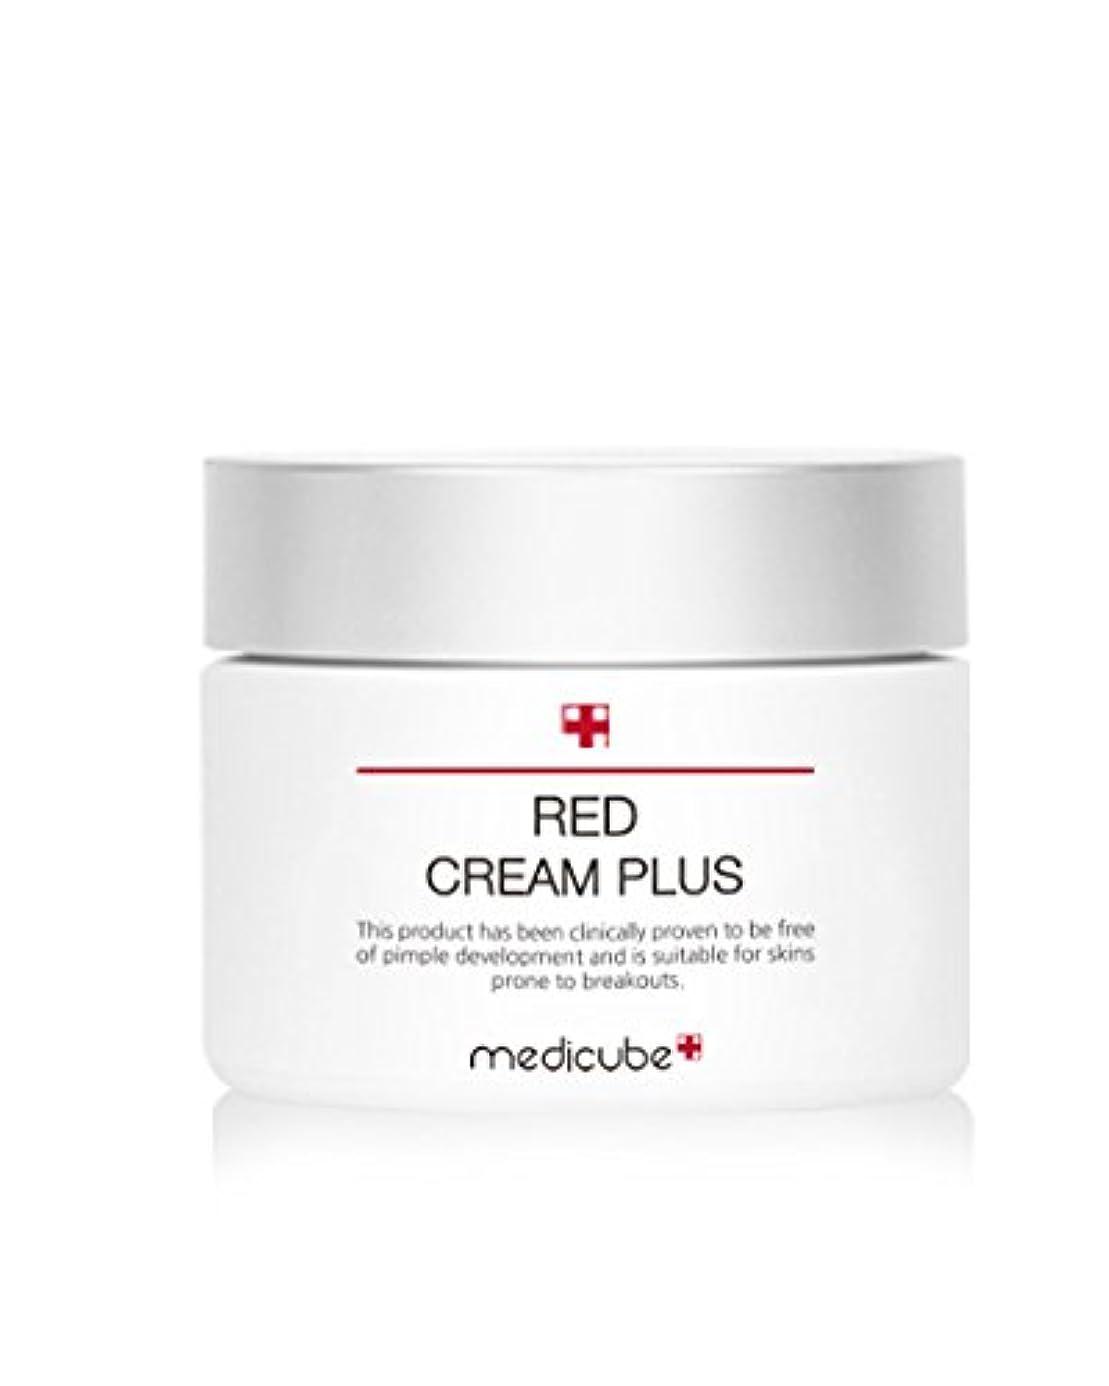 位置づける紀元前ハンバーガー[Medicube]メディキューブ レッド クリーム プラス 大容量 100ml / Medicube Red Cream Plus 100ml [並行輸入品]